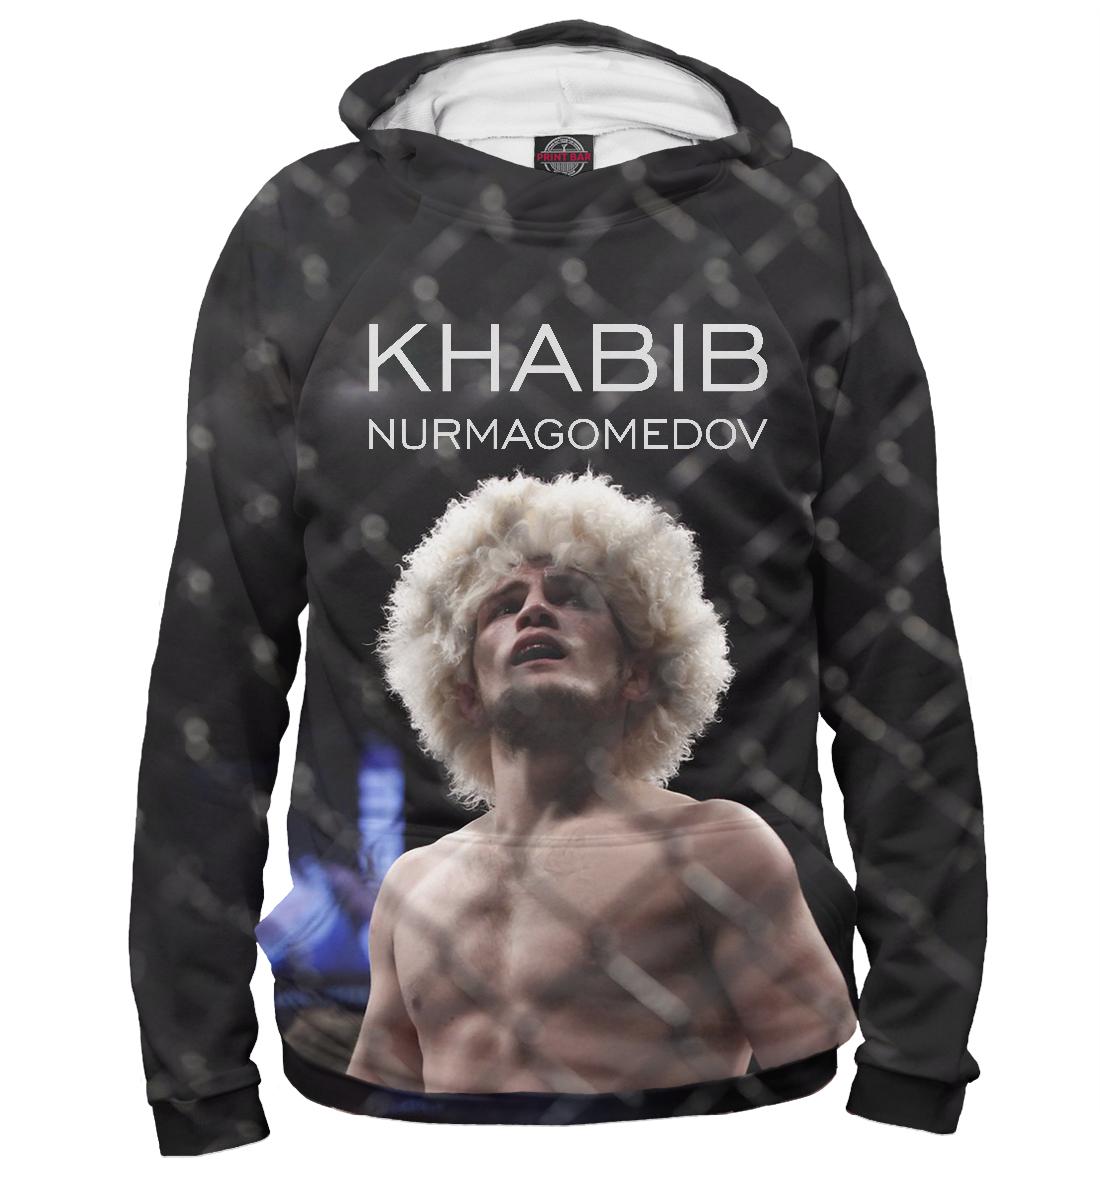 Купить Хабиб Нурмагомедов, Printbar, Худи, NUR-945585-hud-2